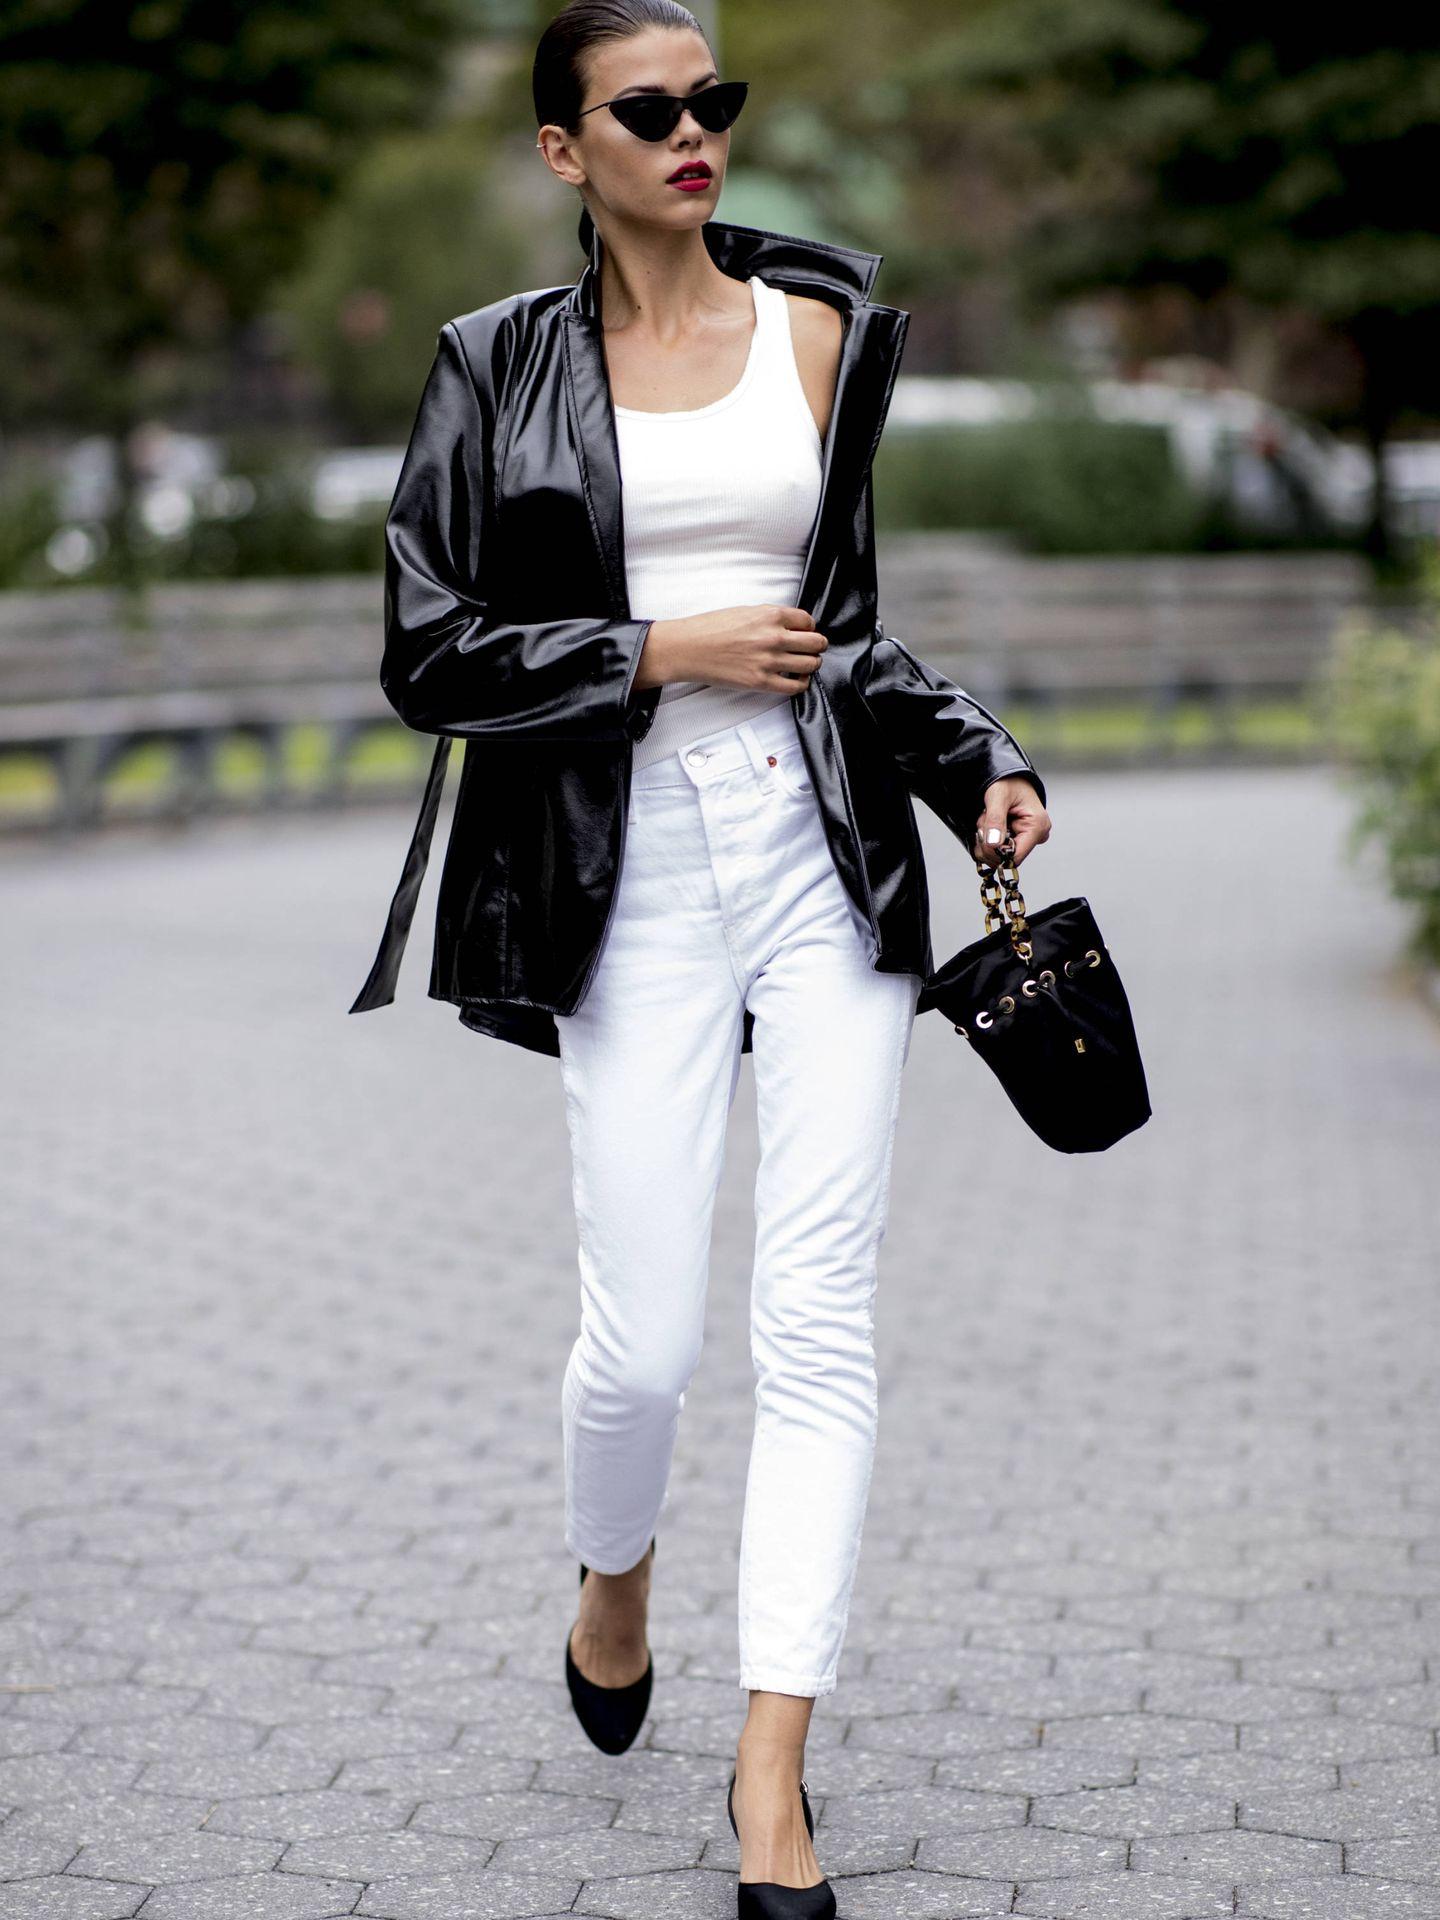 Combinarlo es muy fácil, con blanco, negro o colores claros. (Imaxtree)